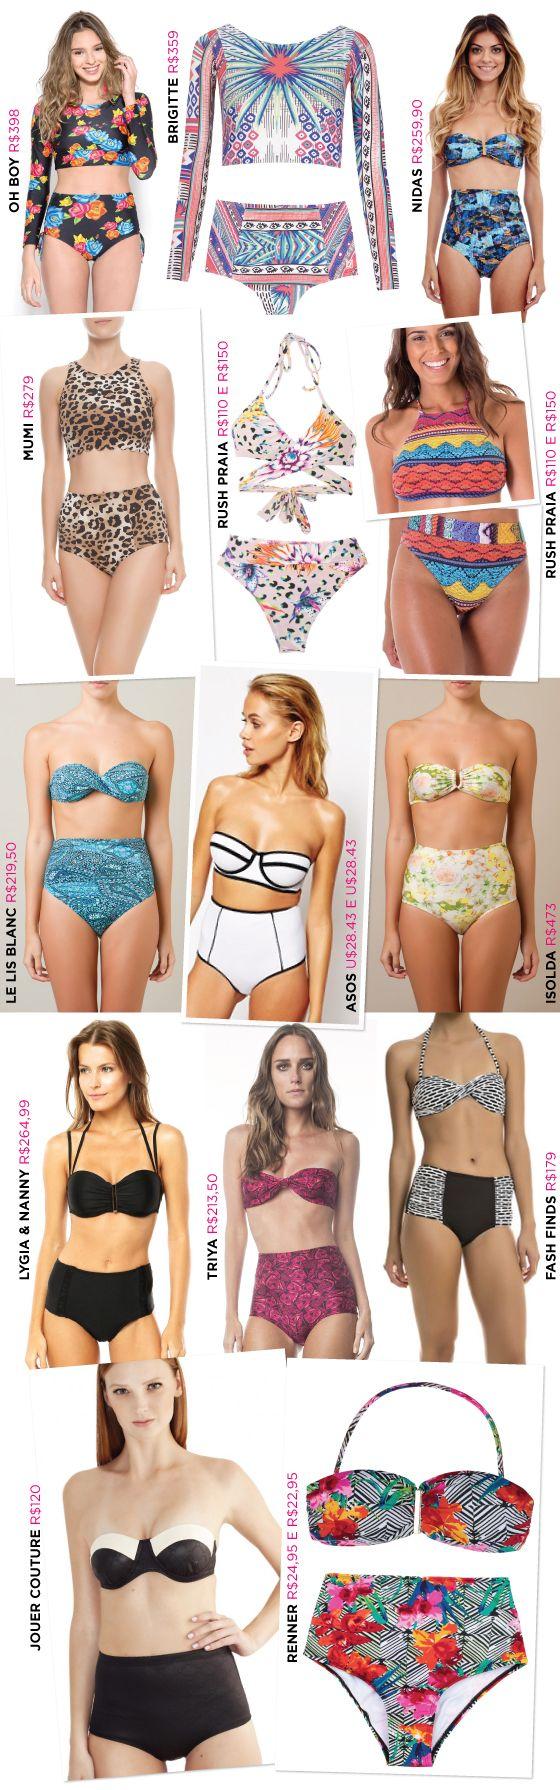 fbc3d0e2f biquini-cintura-alta-hot-pants-onde-comprar | Verão | Moda praia ...